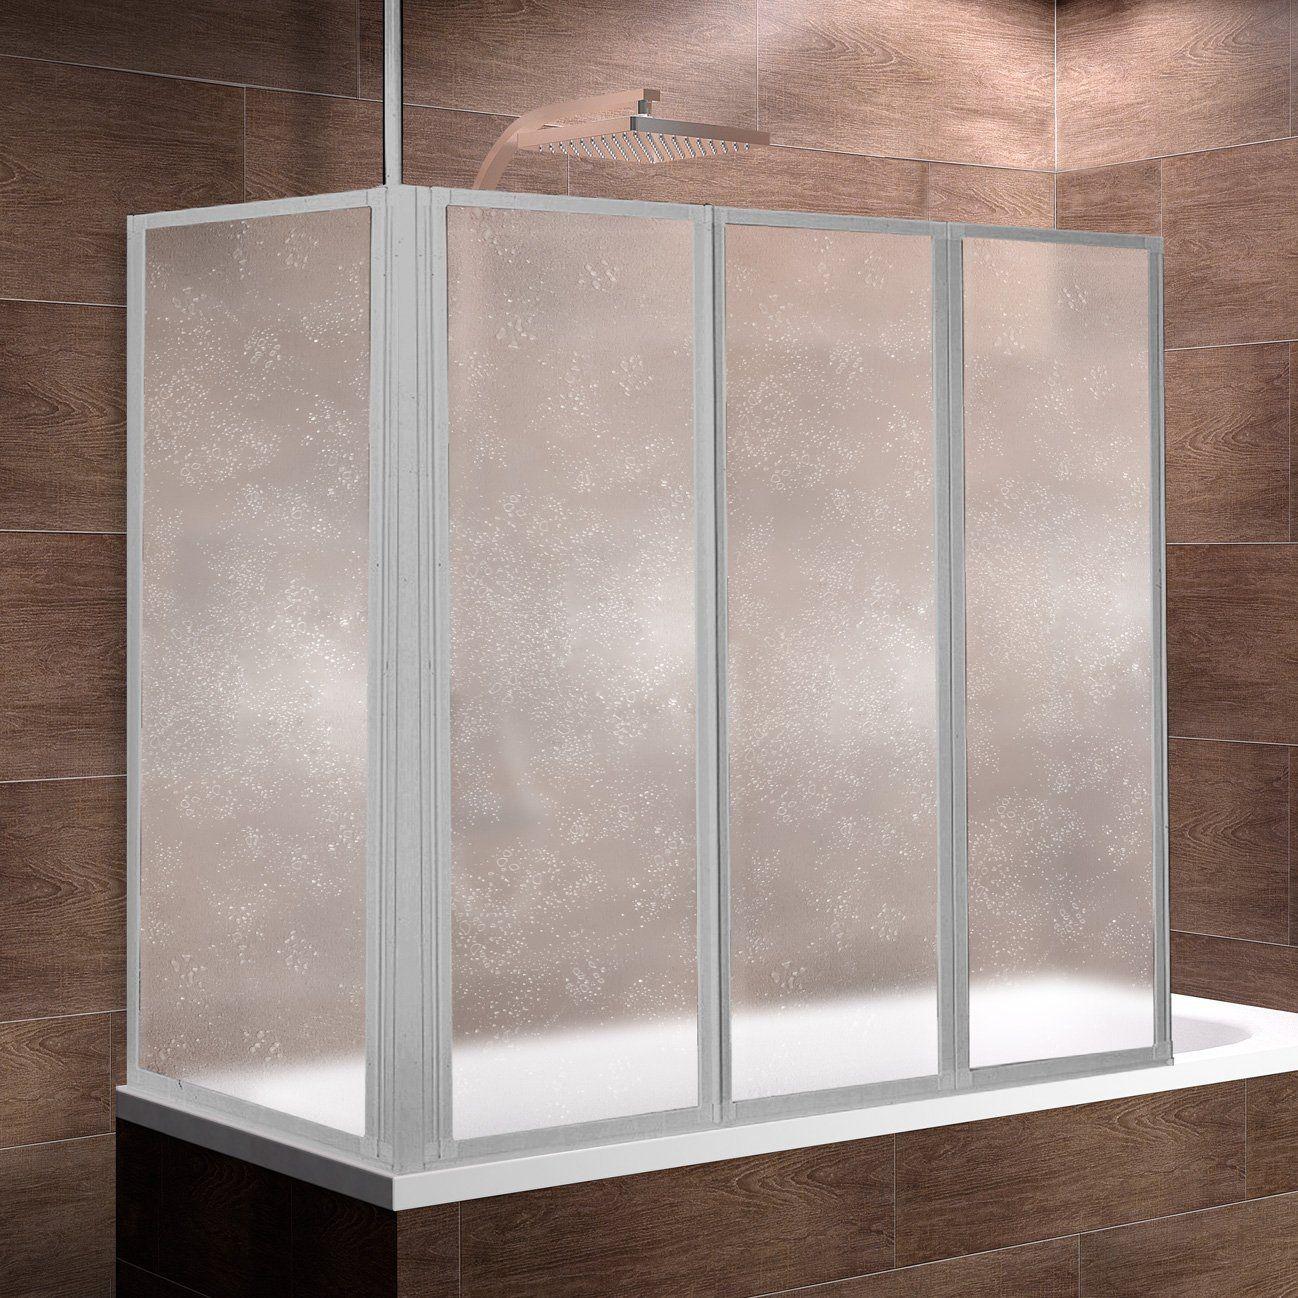 Schulte Duschwand Well Mit Seitenwand 129x140 X 75 Cm 3 Teilig Faltbar Kunstglas Tropfen Dekor Profilfarbe Alu Natur Duschabtrennung Duschwand Seitenwand